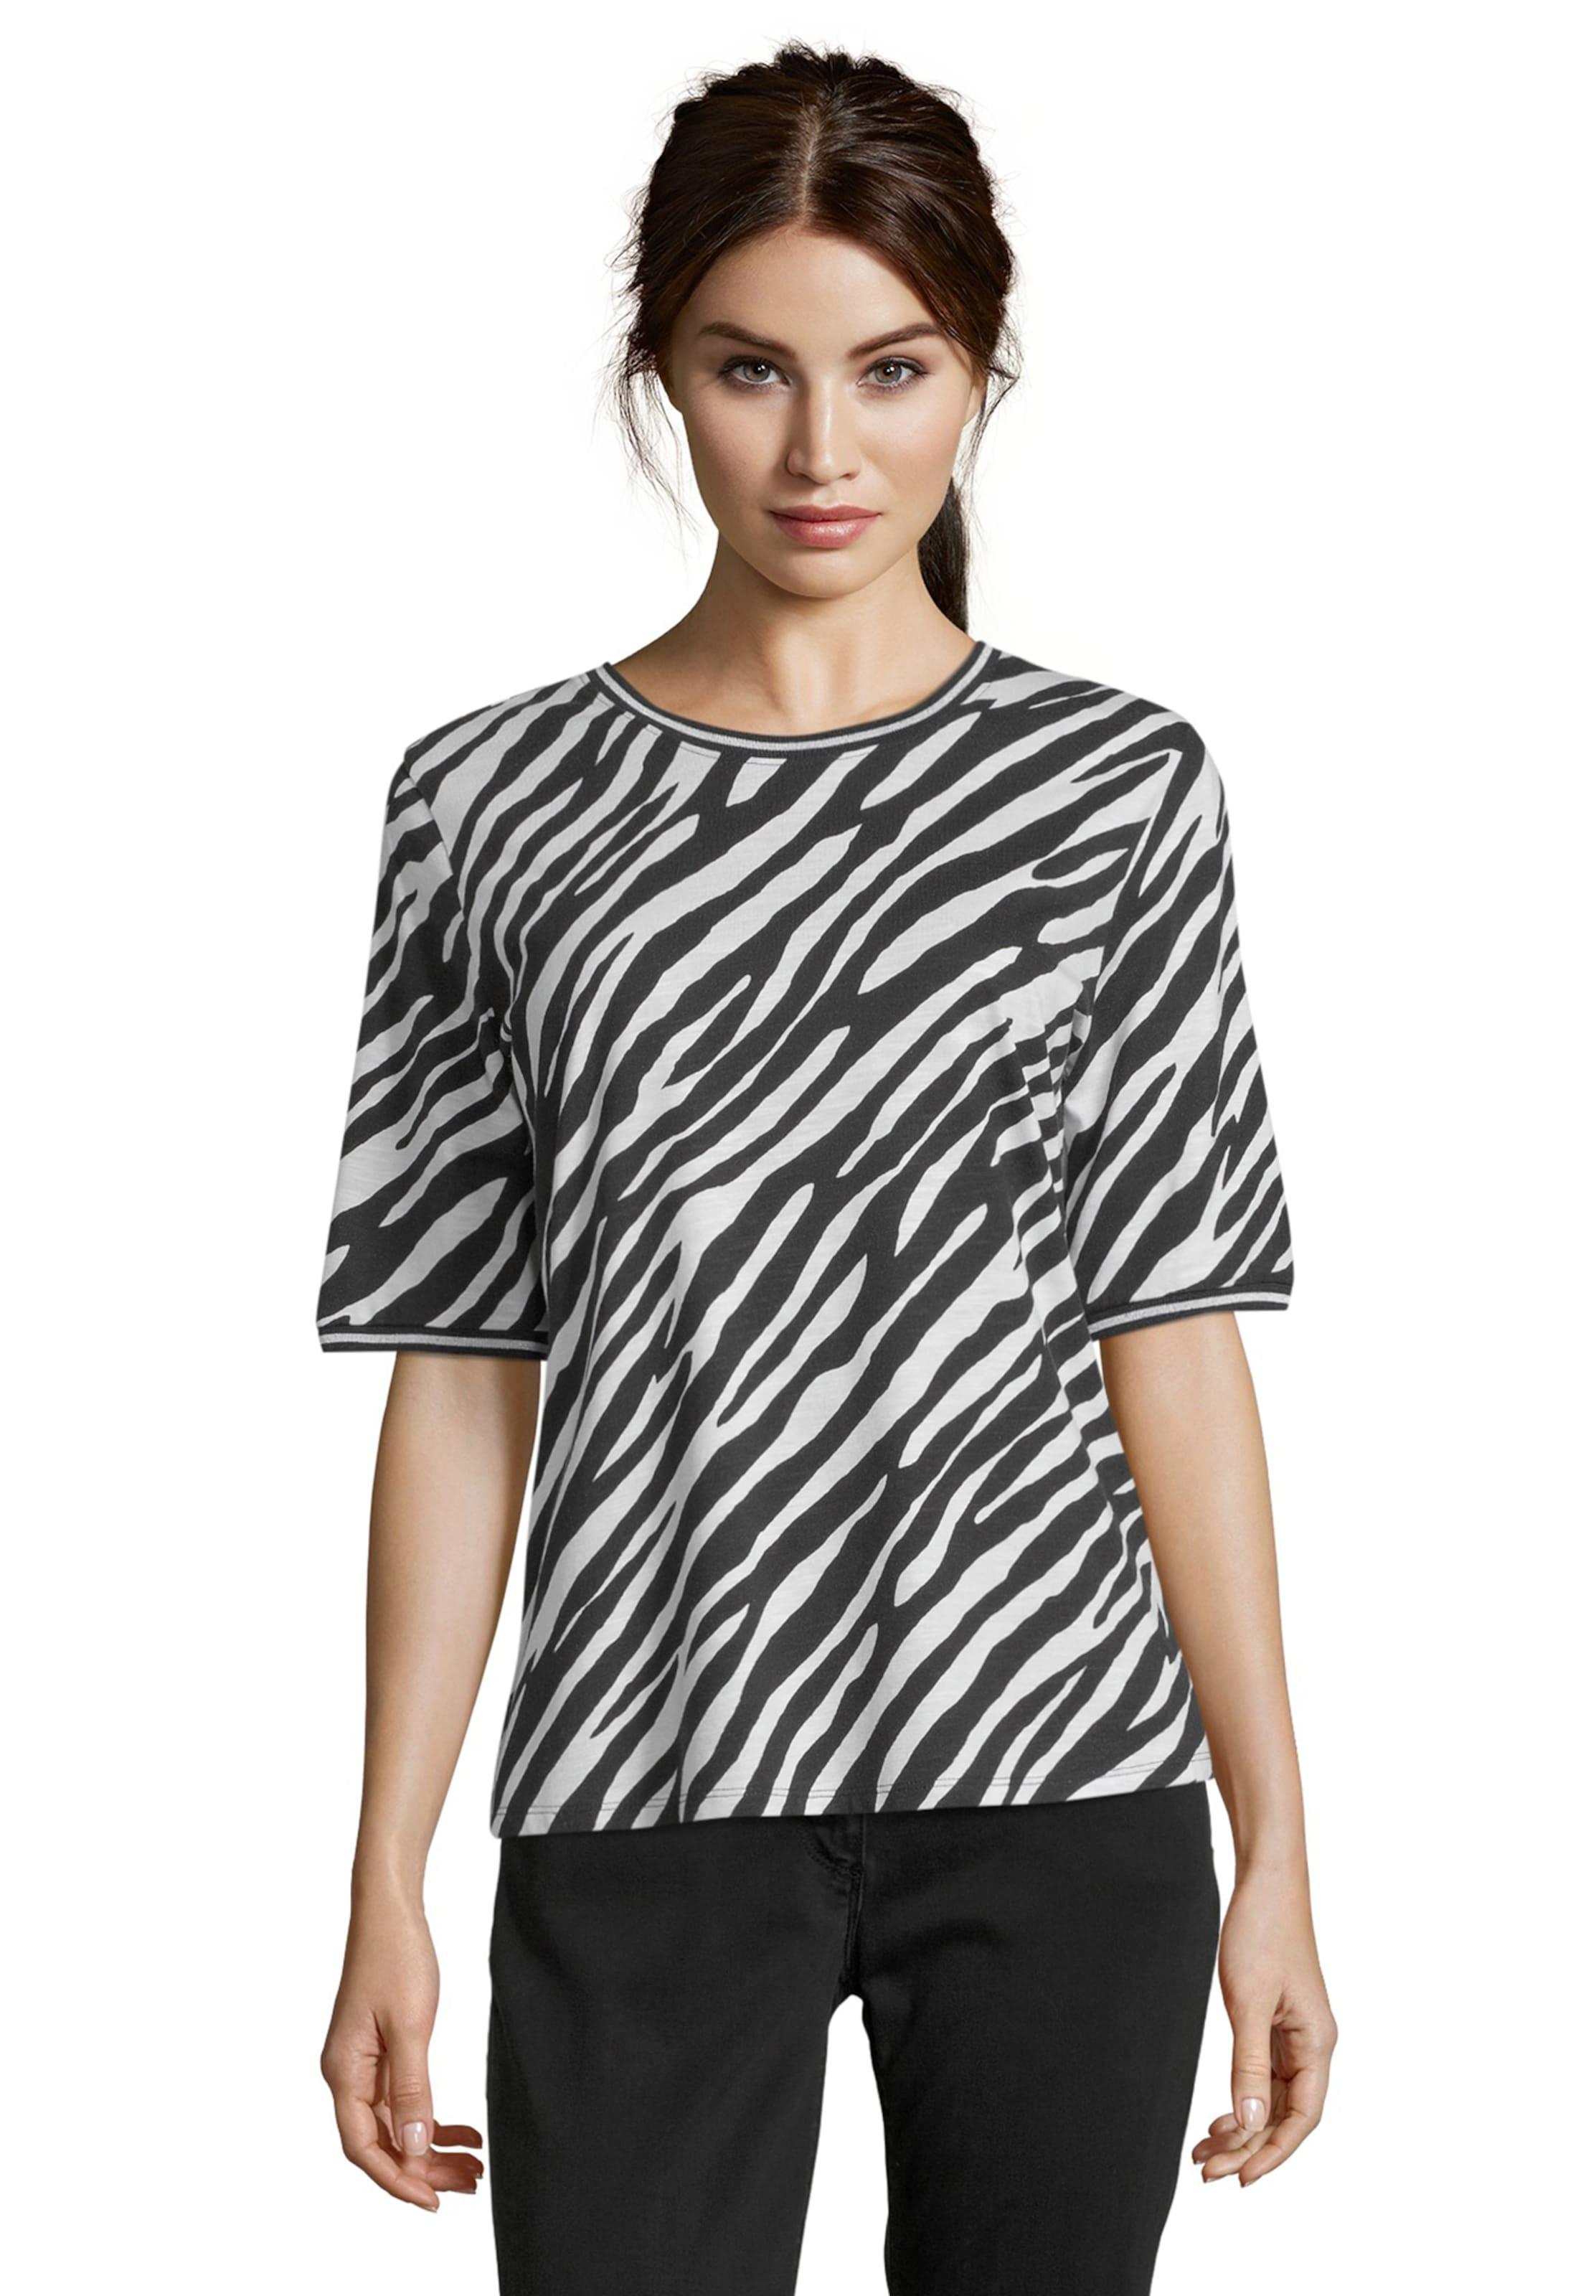 Betty Shirt In Barclay Barclay SchwarzWeiß Betty Shirt nOvwm80N